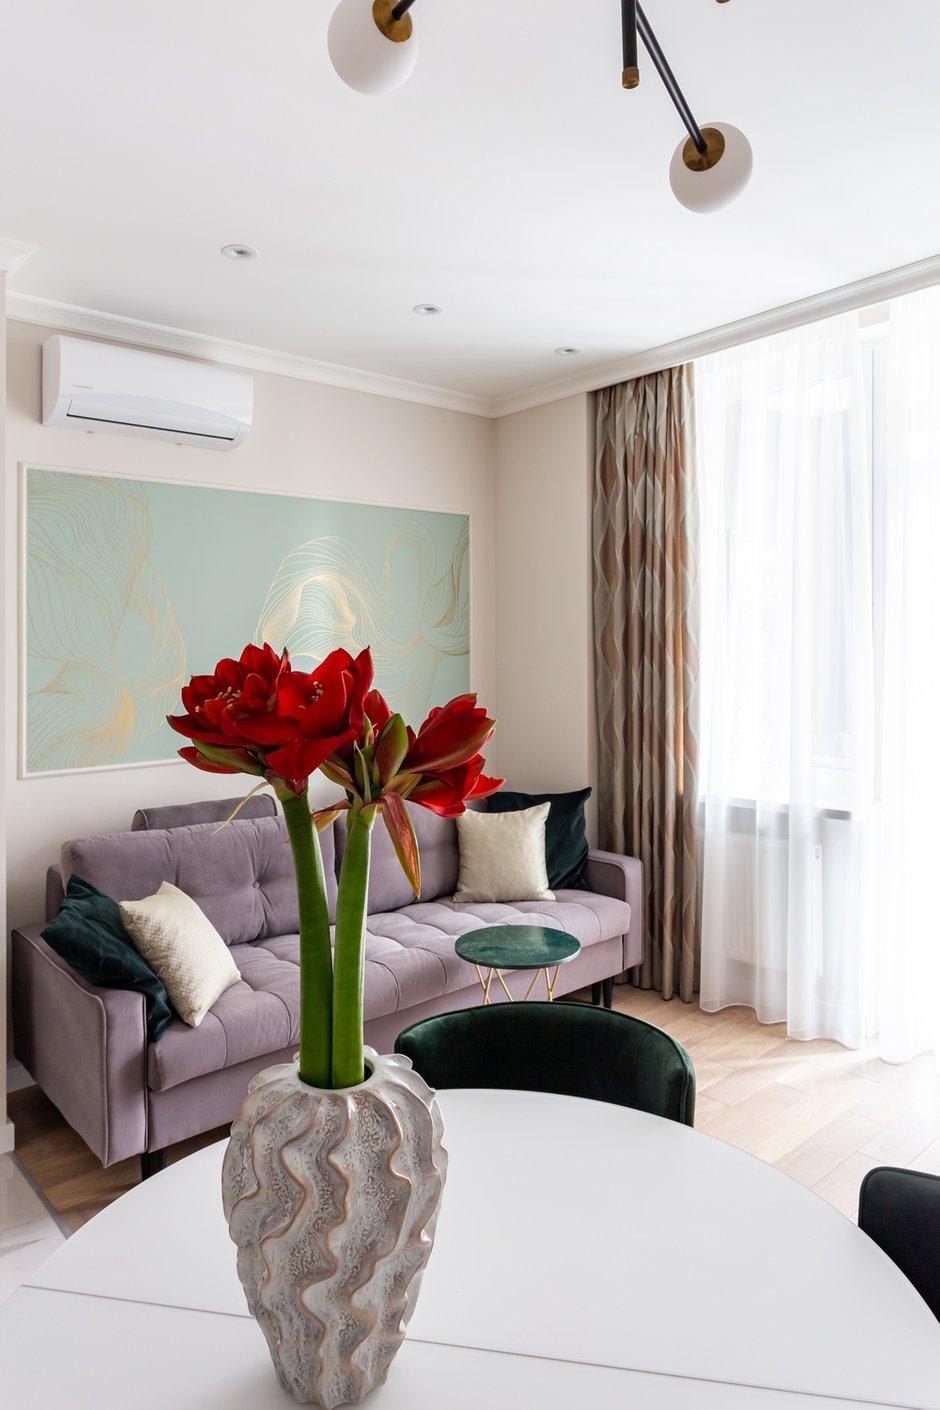 Лиловый диван и фреска красивого зеленого оттенка отлично смотрятся вместе.